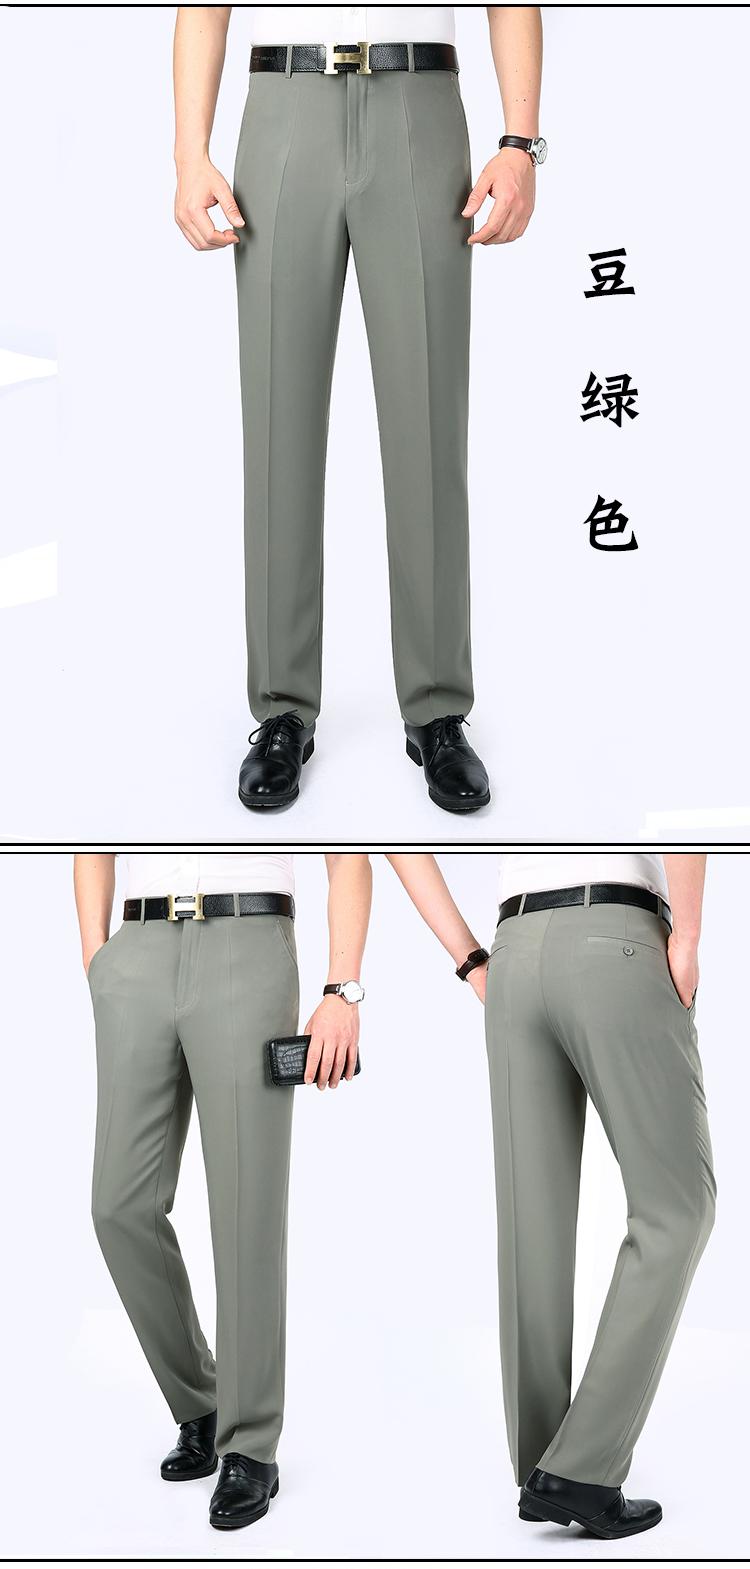 Mùa hè phần mỏng của lụa cũ người đàn ông trung niên của quần cao eo red miễn phí hot kinh doanh bình thường linen phù hợp với quần